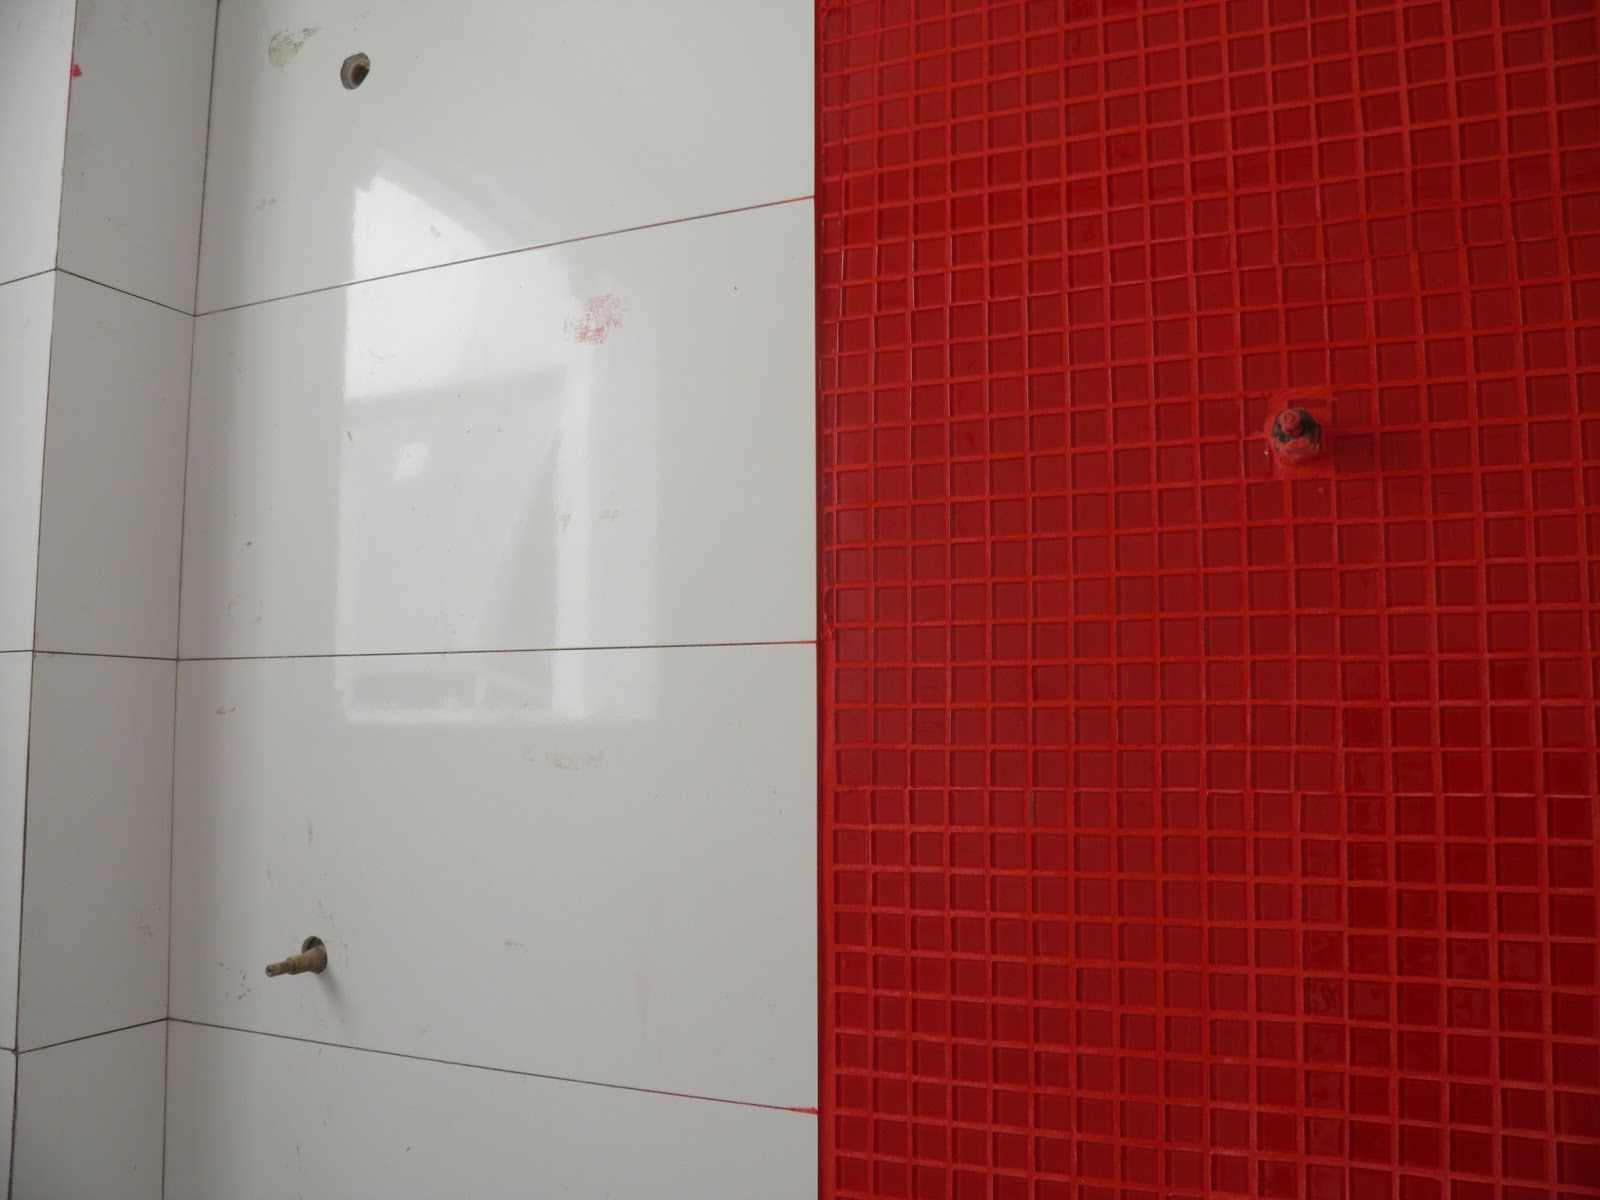 Construindo e arquitetando engenhosamente um sonho, com cimento de amor! Ban # Banheiro Com Pastilha Vermelha E Branca